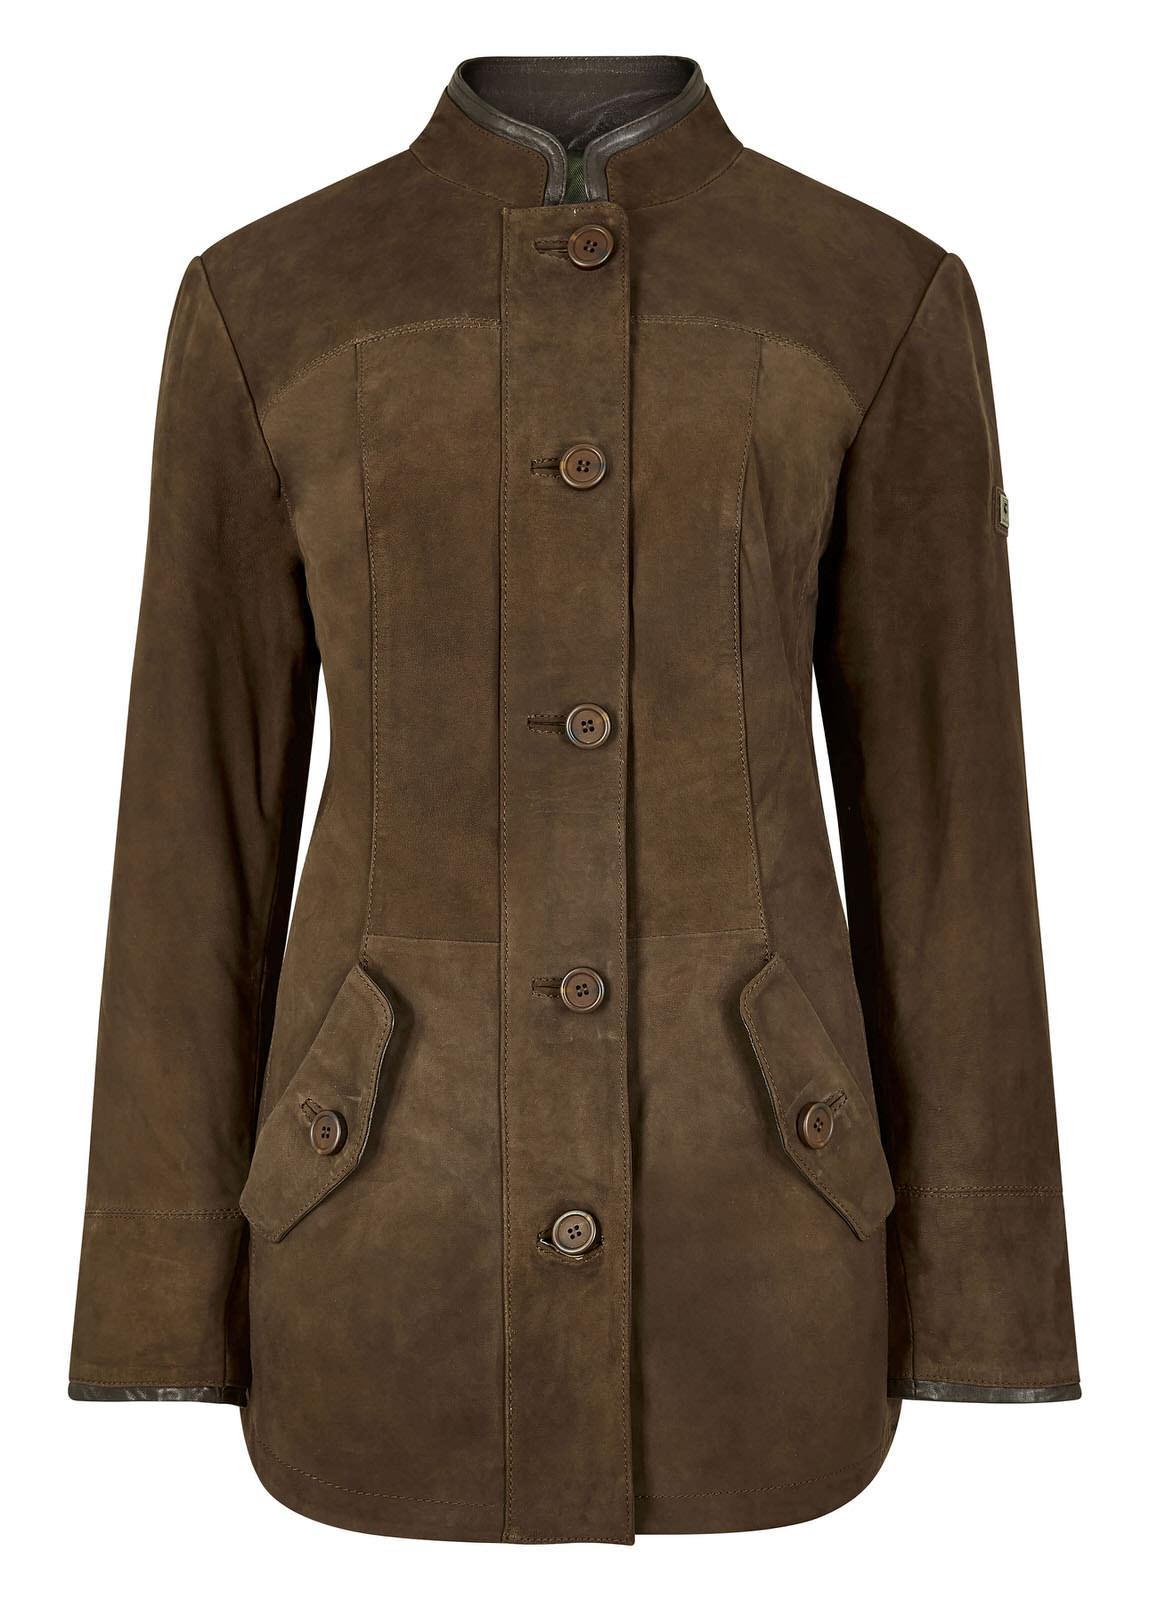 Joyce_Leather_Jacket_Walnut_Image_1